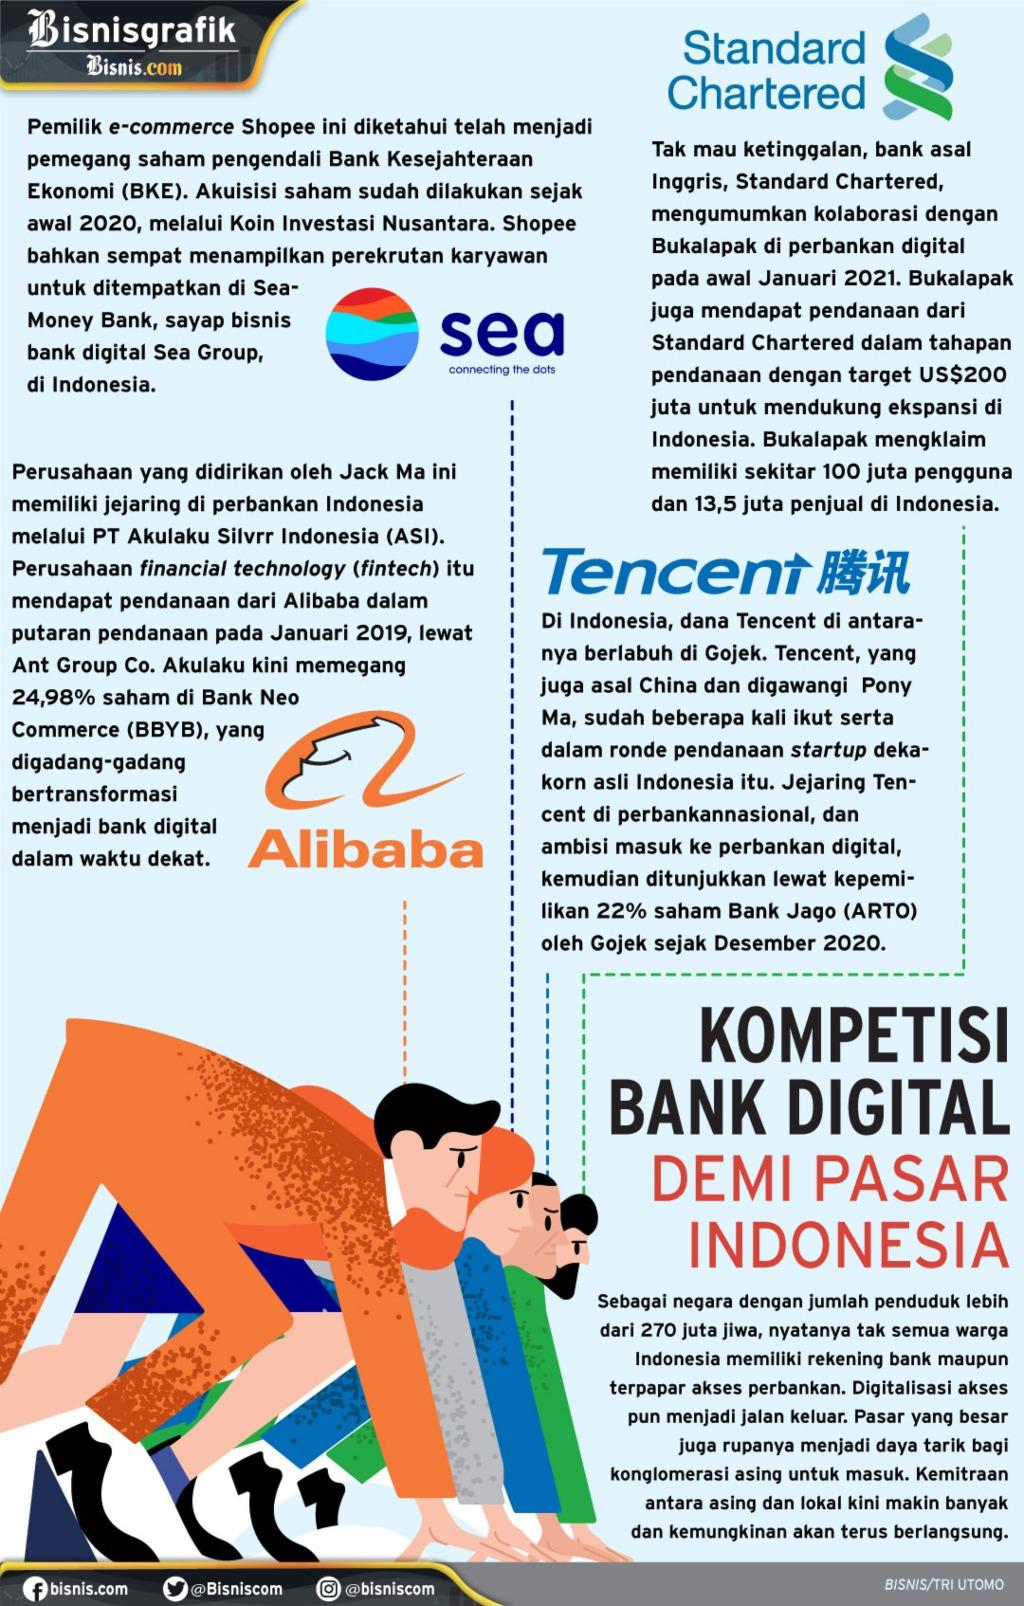 Infografik kompetisi menggarap perbankan digital di Indonesia. - Bisnis/Tri Utomo